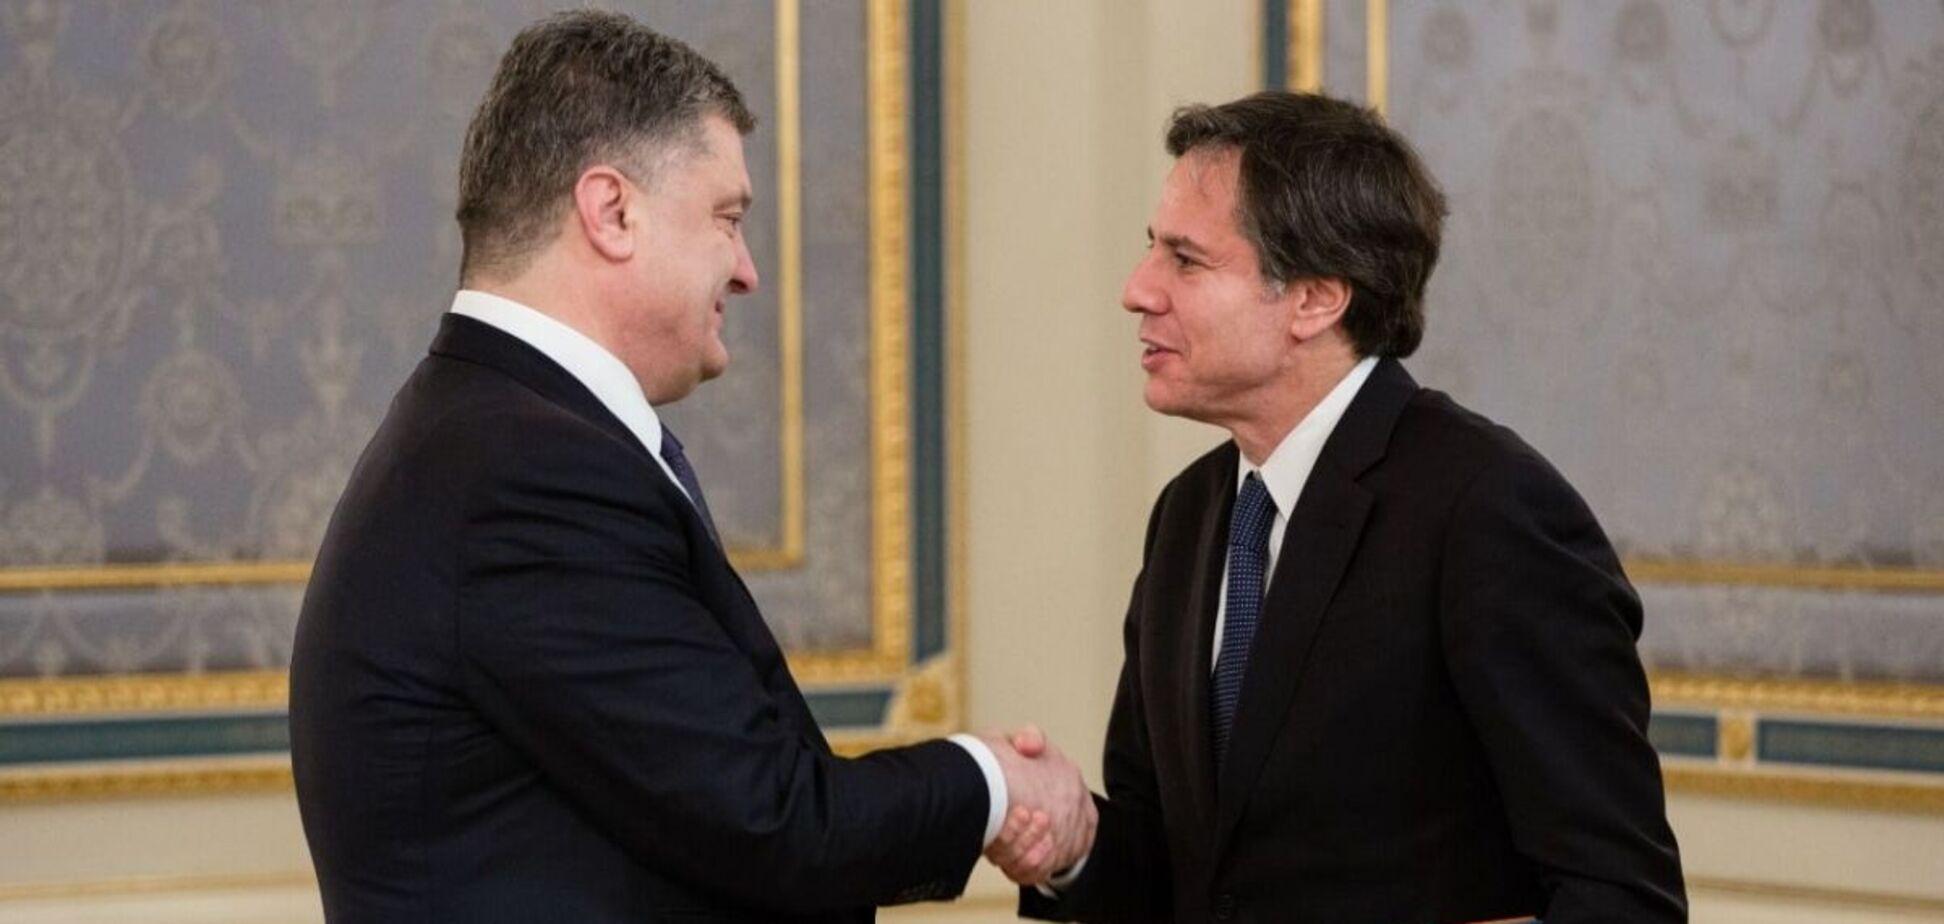 Порошенко после встречи с Блинкеном в Киеве: делегация США – это друзья Украины